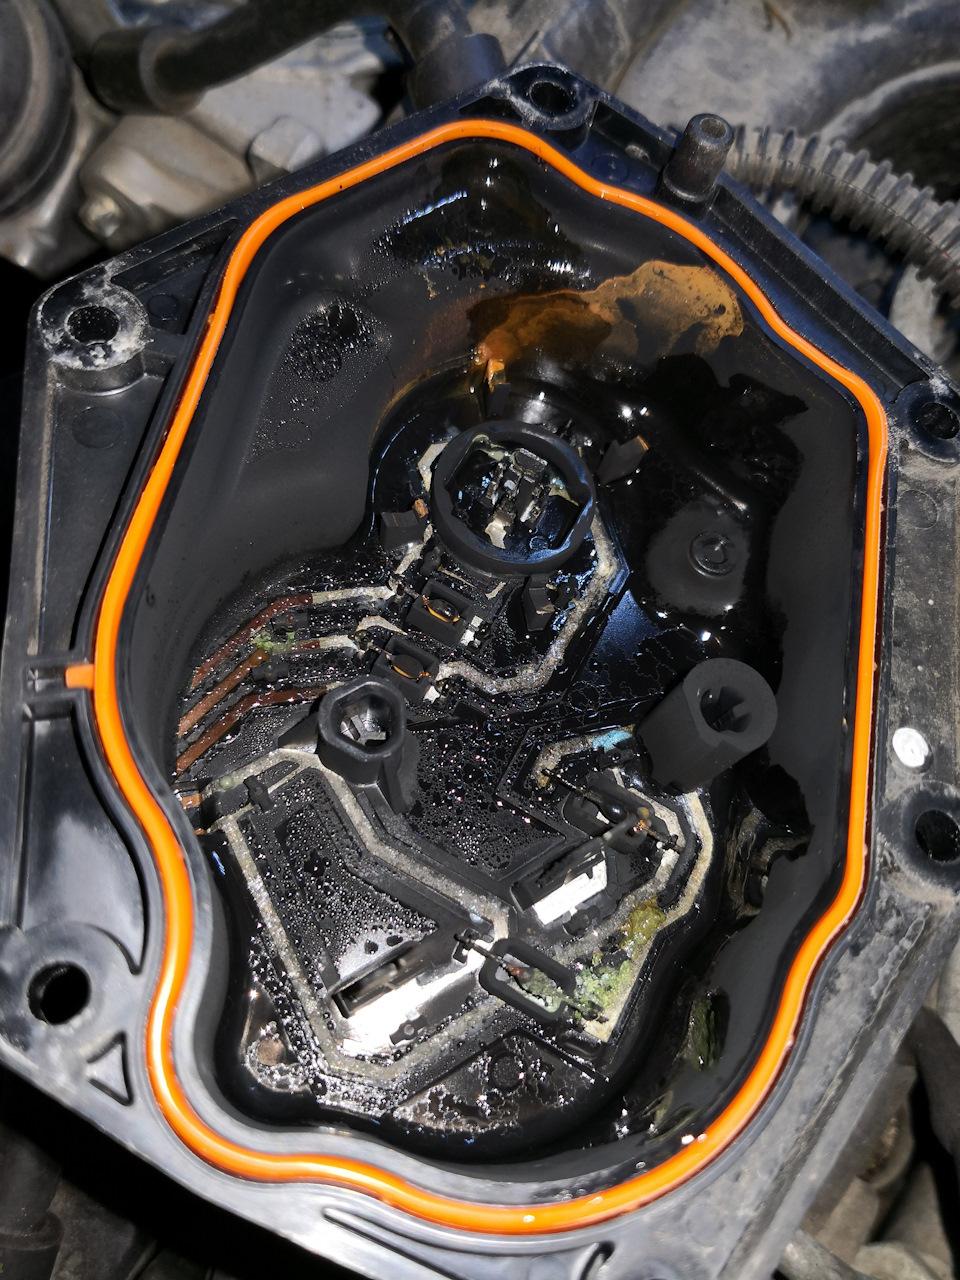 Ошибка р0651 транспортер конструкции существующих конвейеров